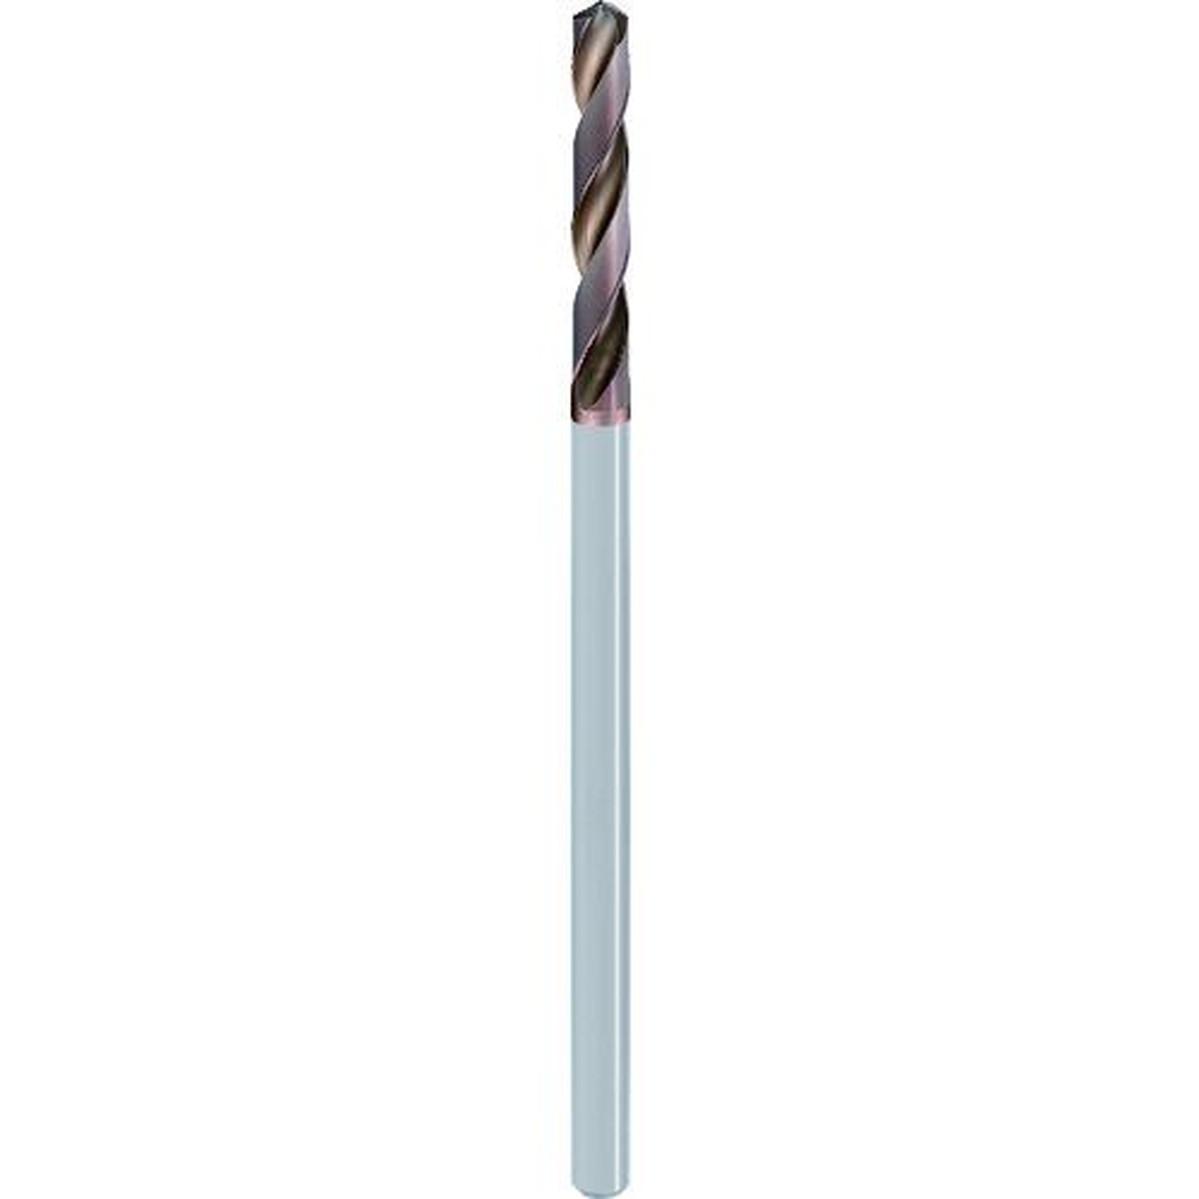 高級ブランド 三菱 新WSTARドリル(外部給油) 三菱 DP1020 DP1020 1本 1本, 植木鉢テラコッタ専門店 バージ:a1e09a6a --- bungsu.net